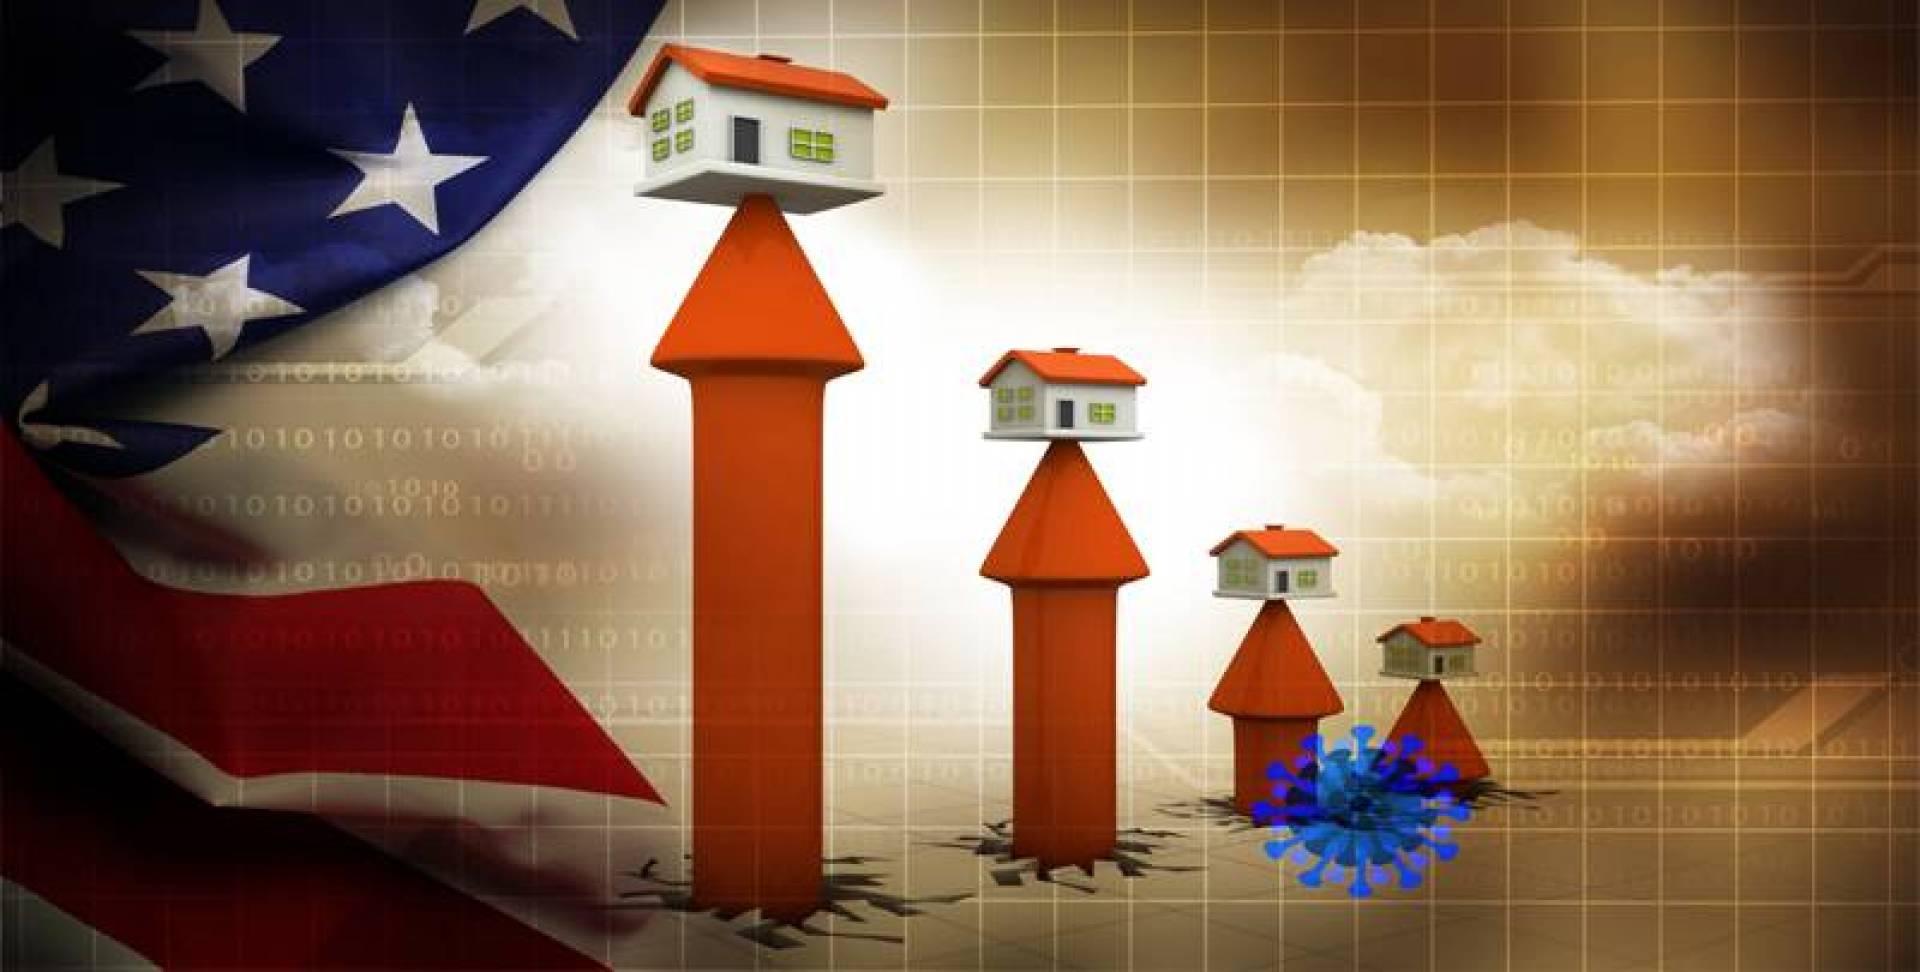 العقارات الأميركية.. فرصٌ وترقُّب